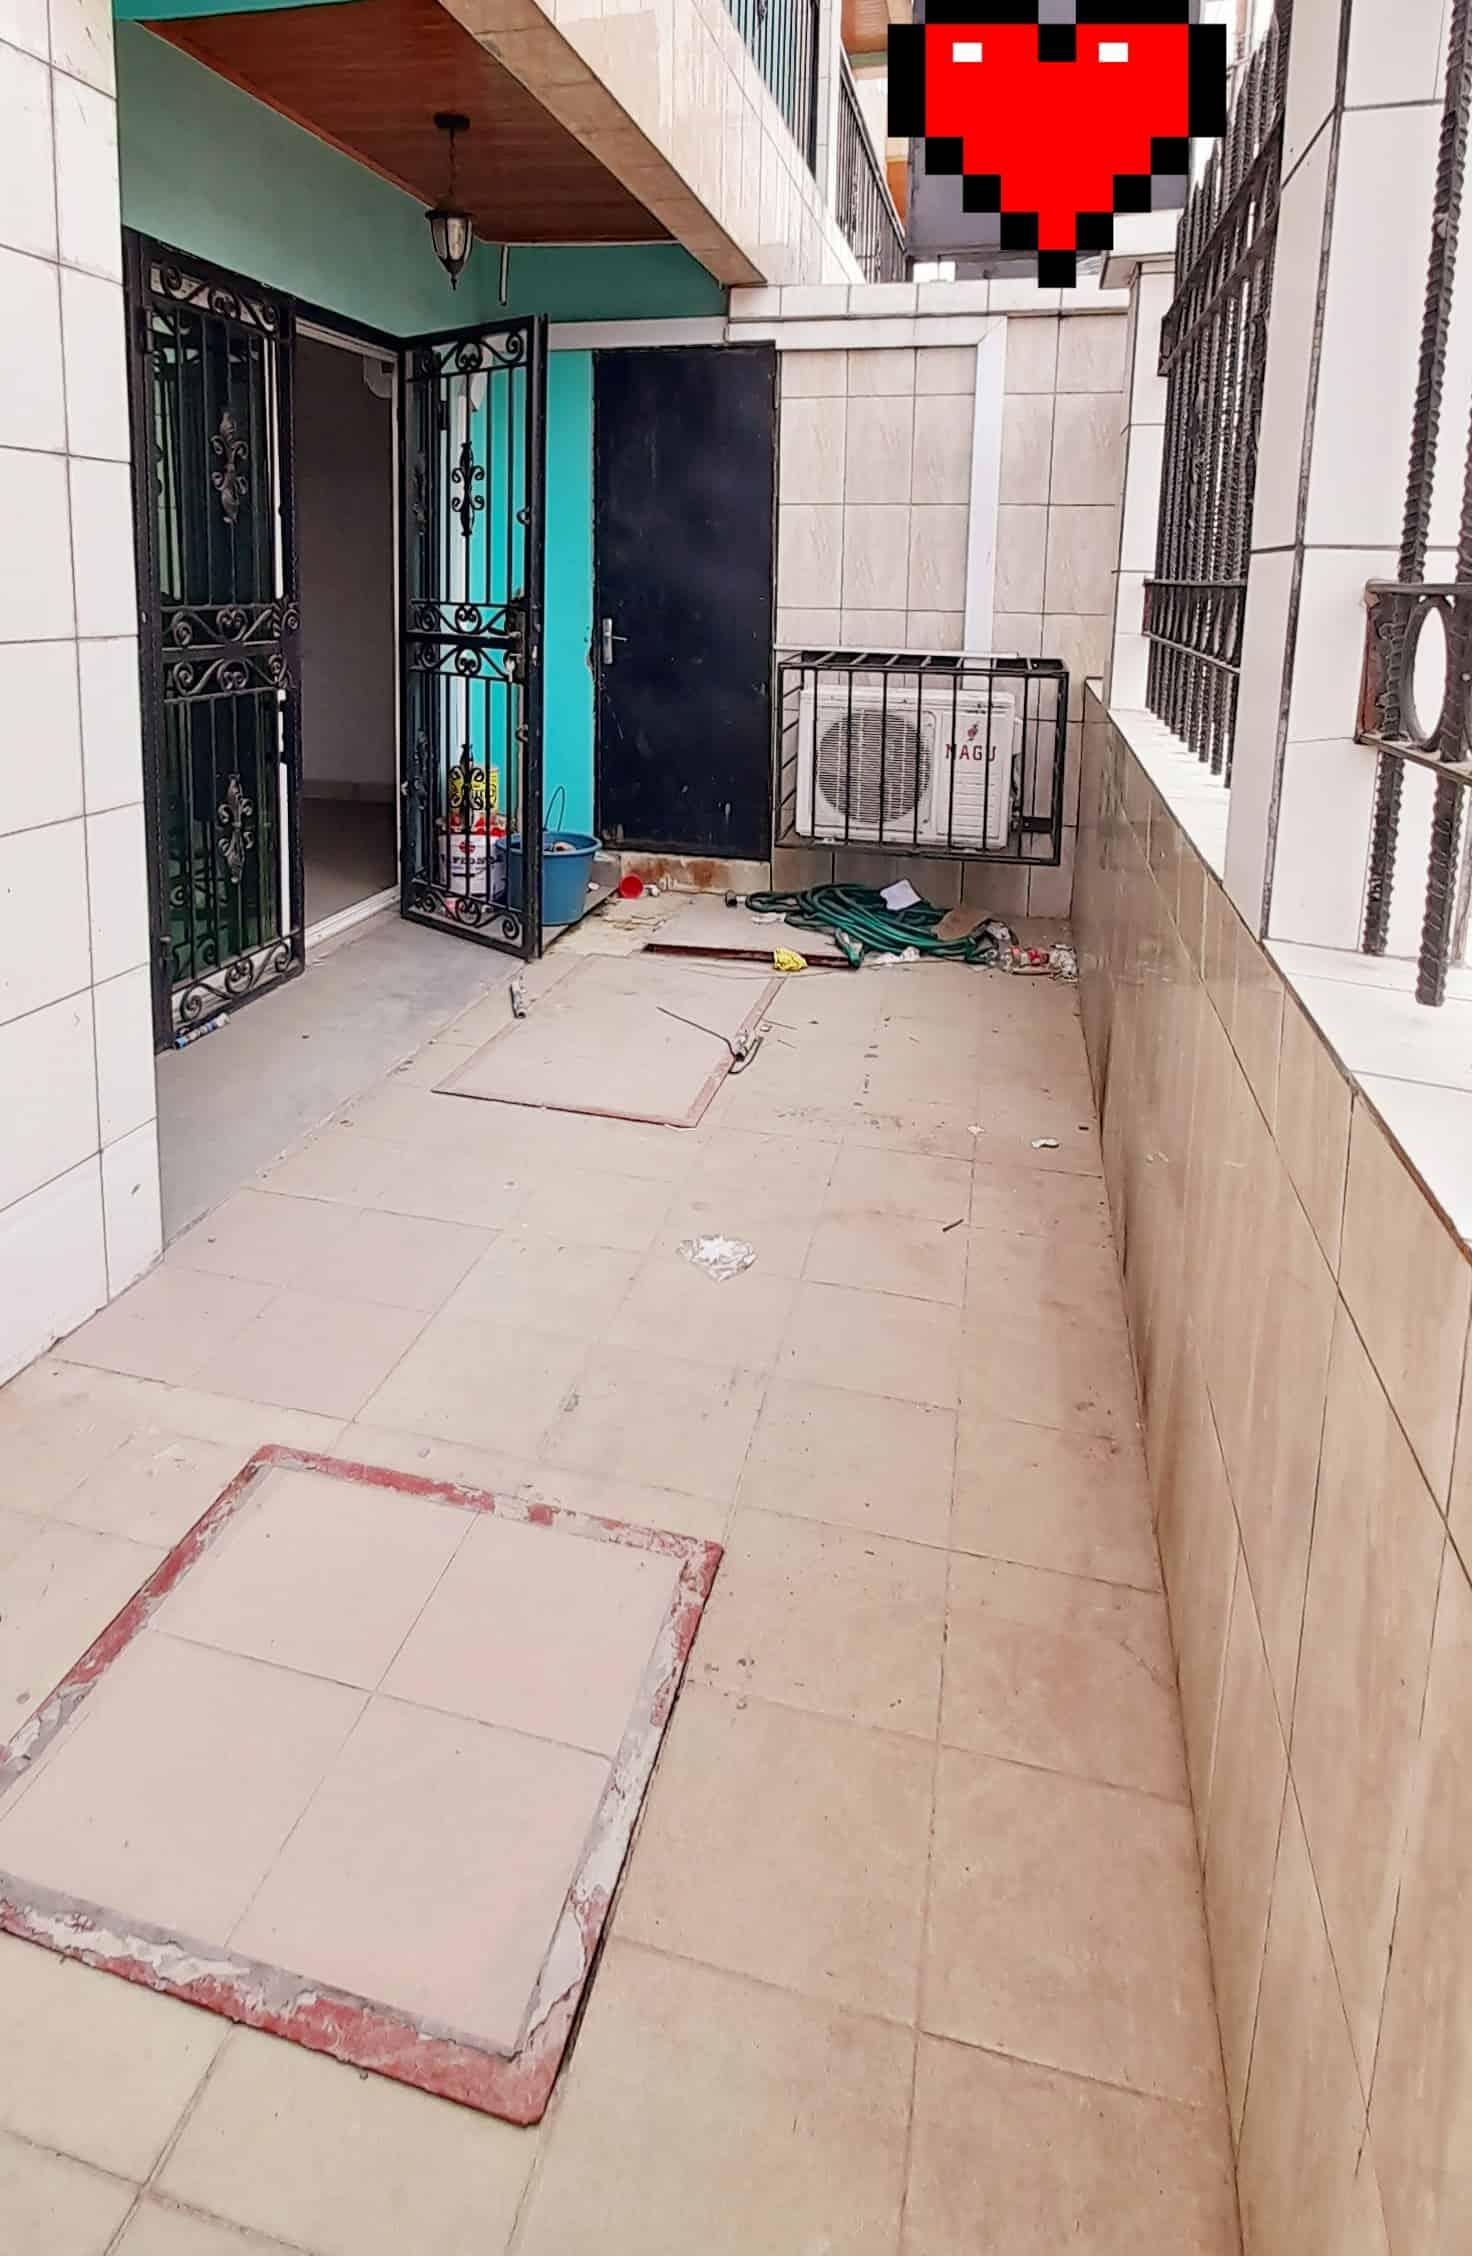 Appartement à louer - Douala, Bonamoussadi, Bien situé À bonamoussadi Denver - 1 salon(s), 2 chambre(s), 1 salle(s) de bains - 220 000 FCFA / mois